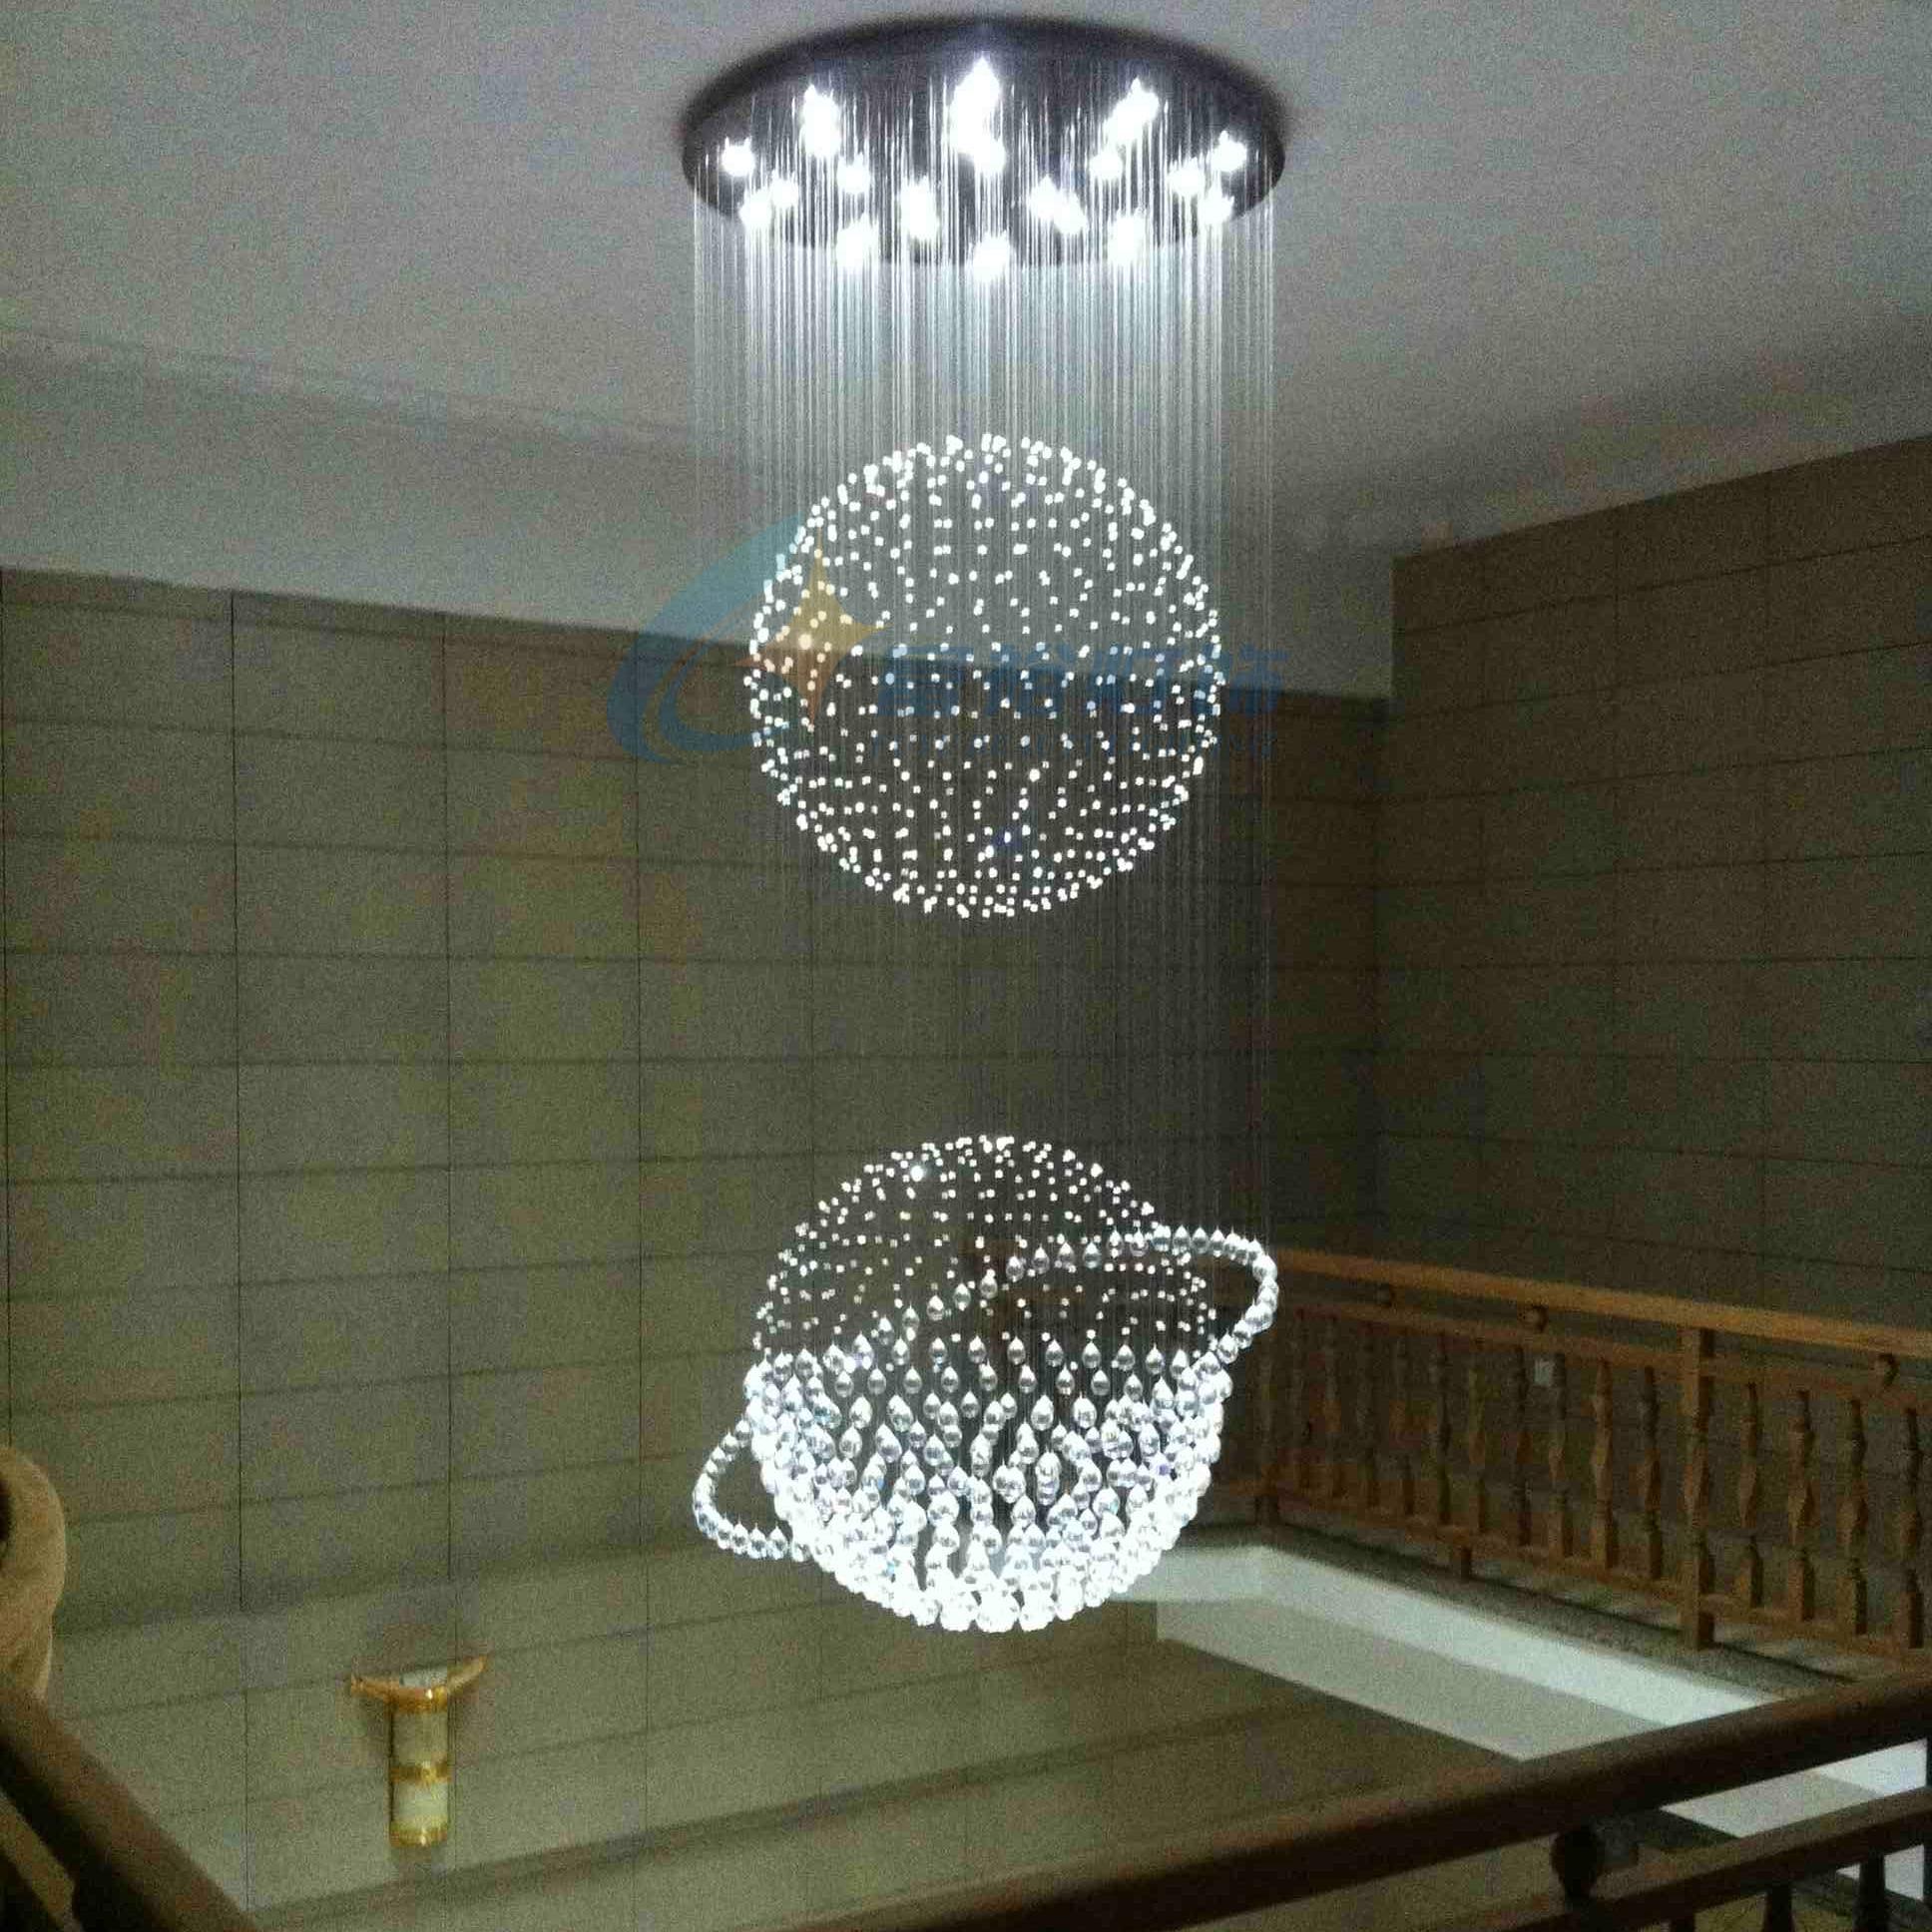 Kristall pendelleuchte führte restaurant lichter moderne kurze lampen treppenleuchte große pendelleuchte 8632china mainland